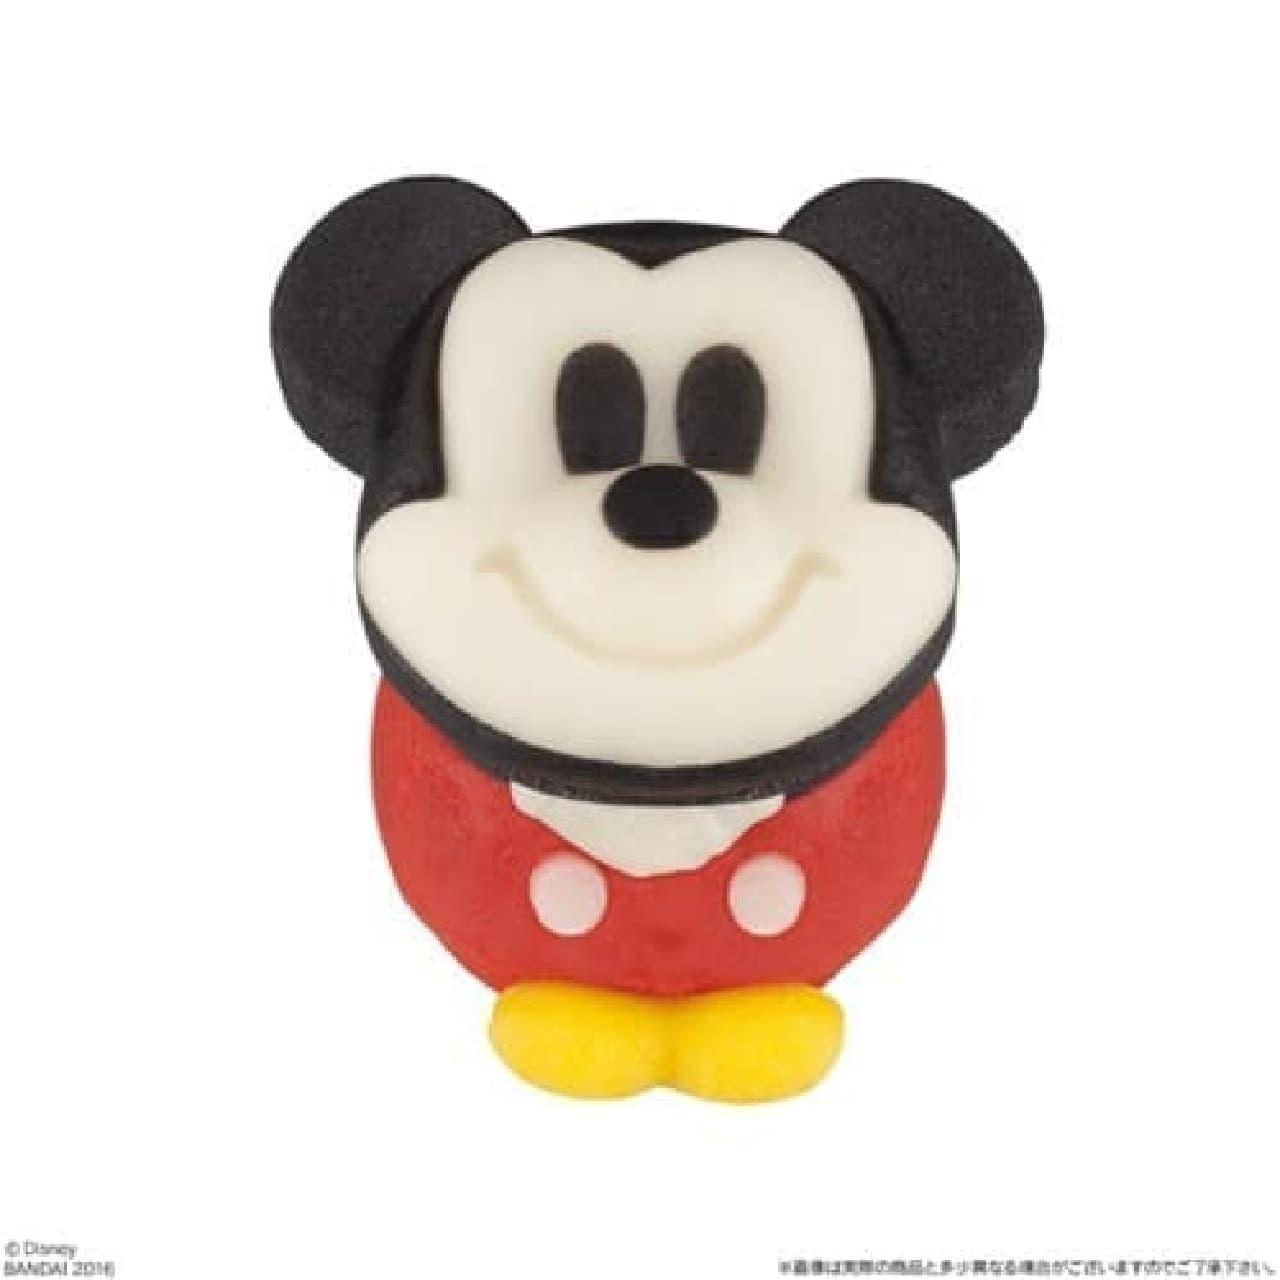 セブン&アイ「食べマス Disney ミッキーマウス」